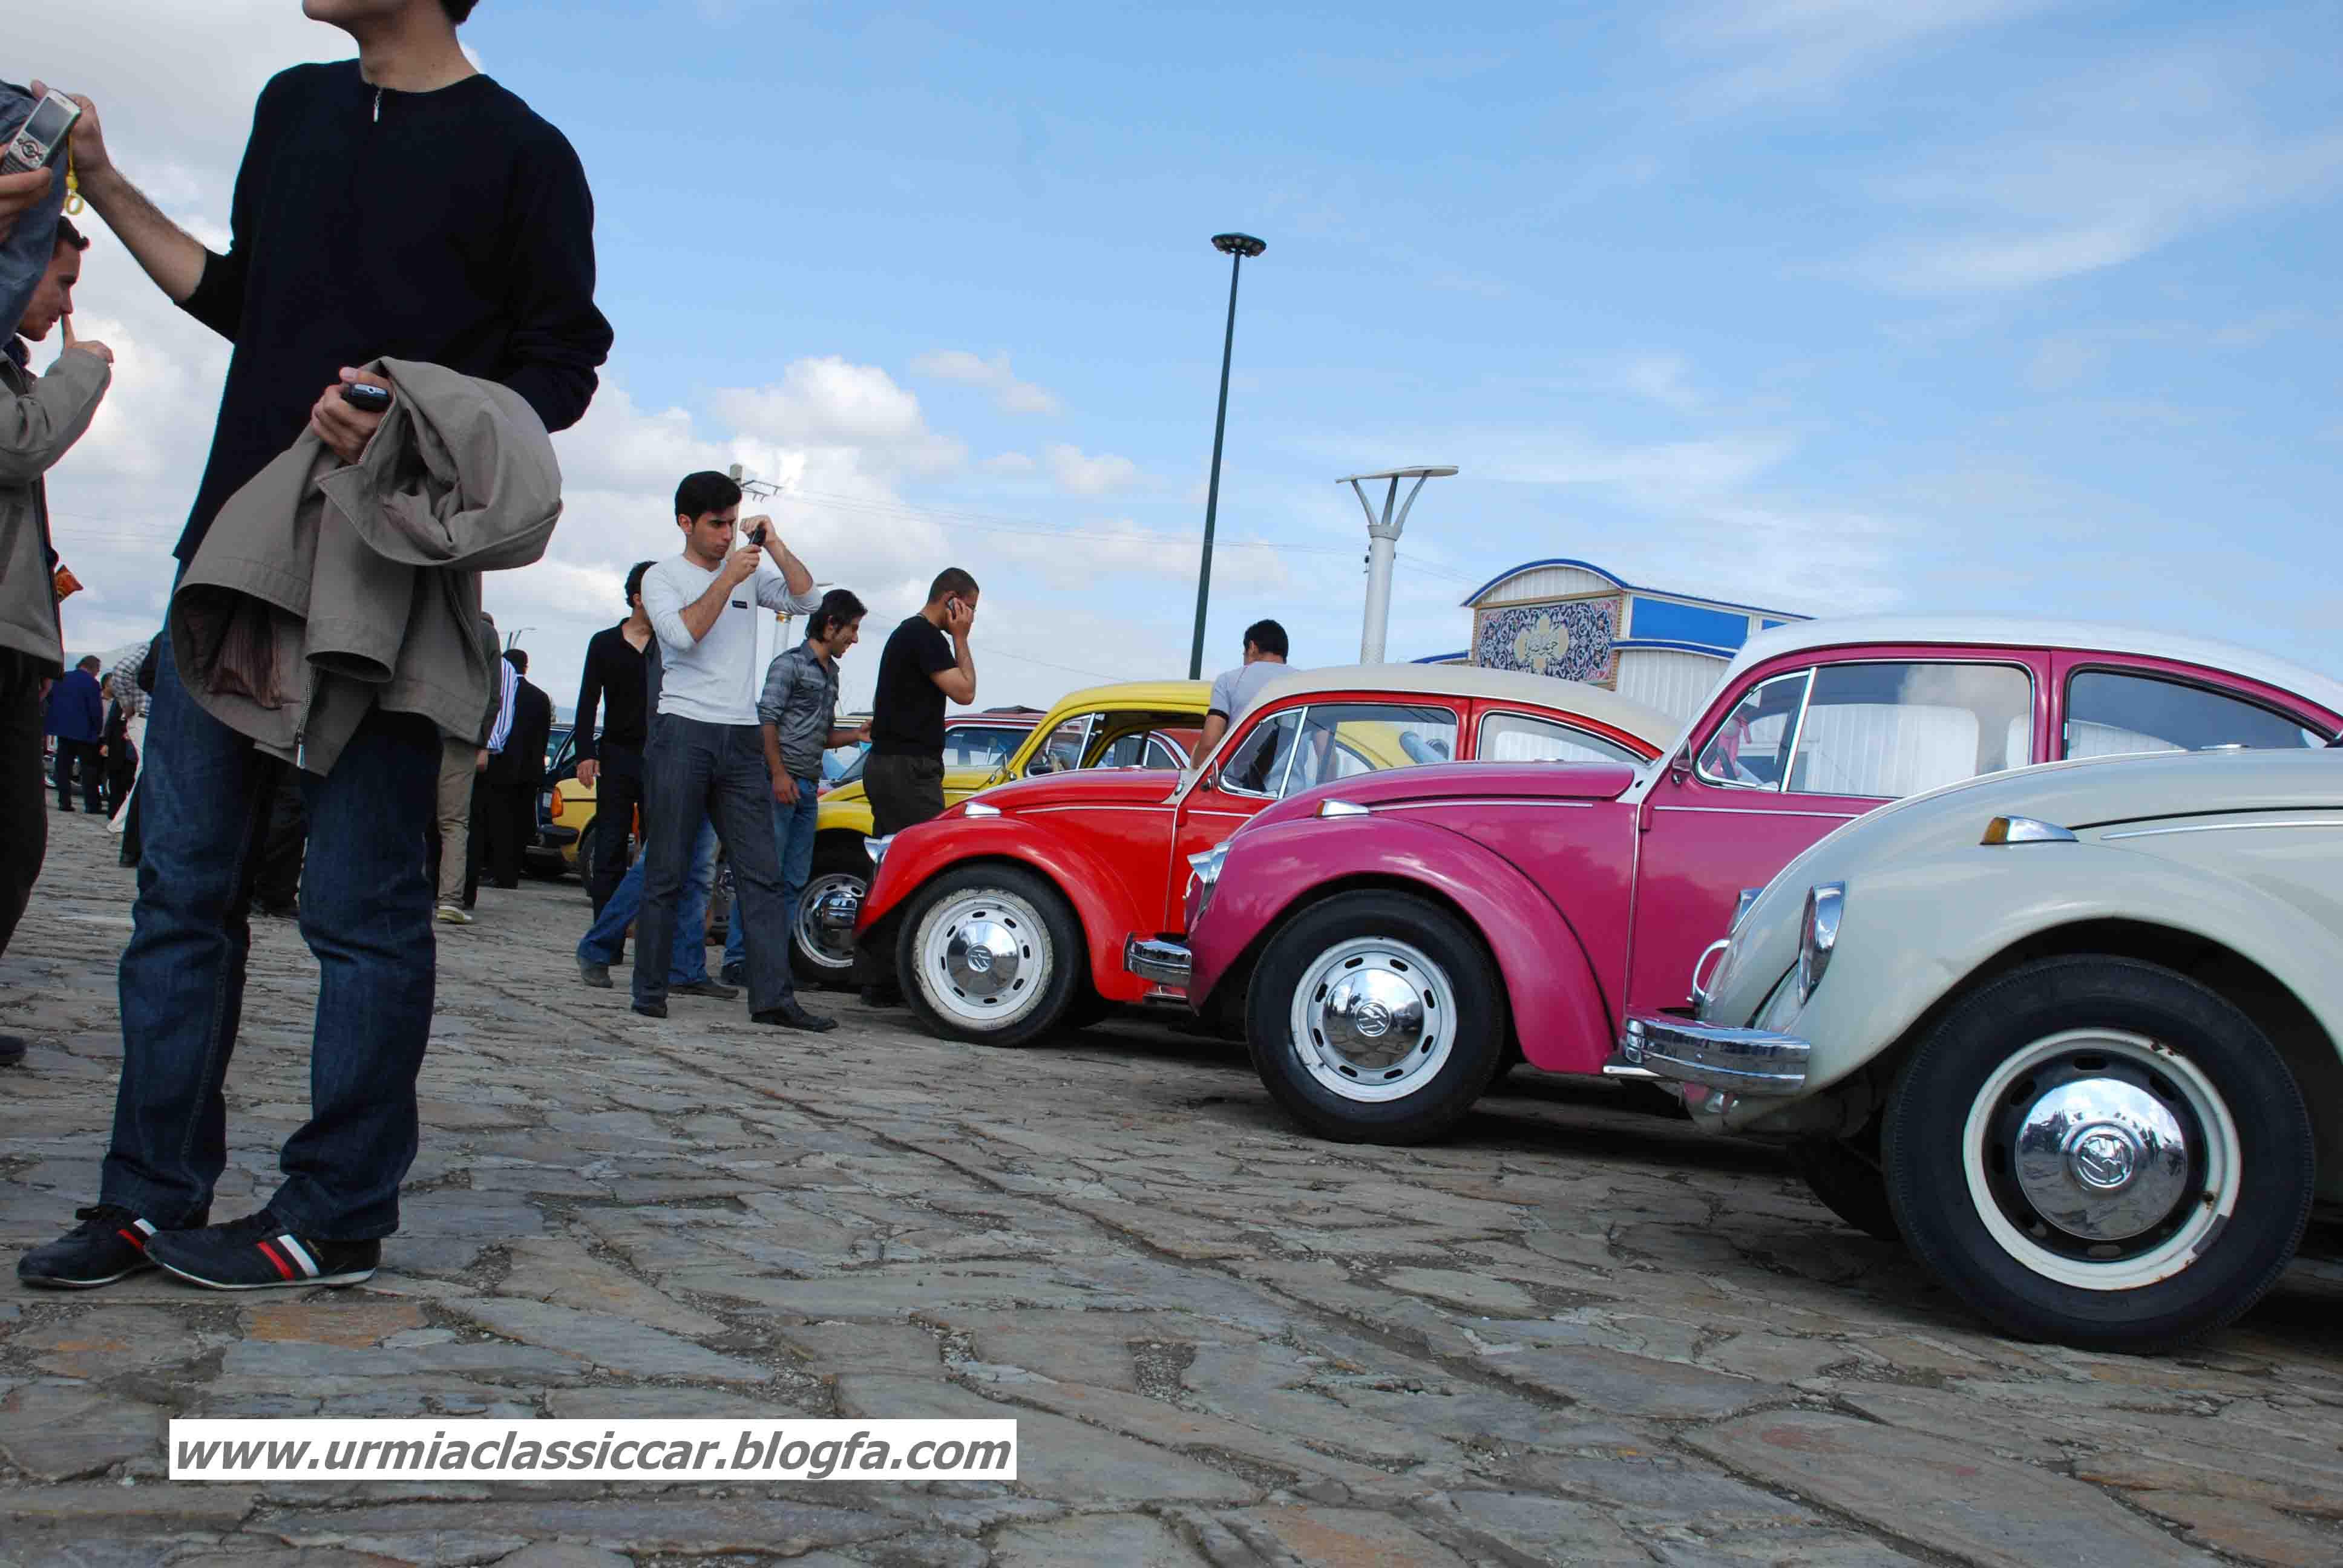 اولین گردهمایی خودروهای کلاسیک ارومیه